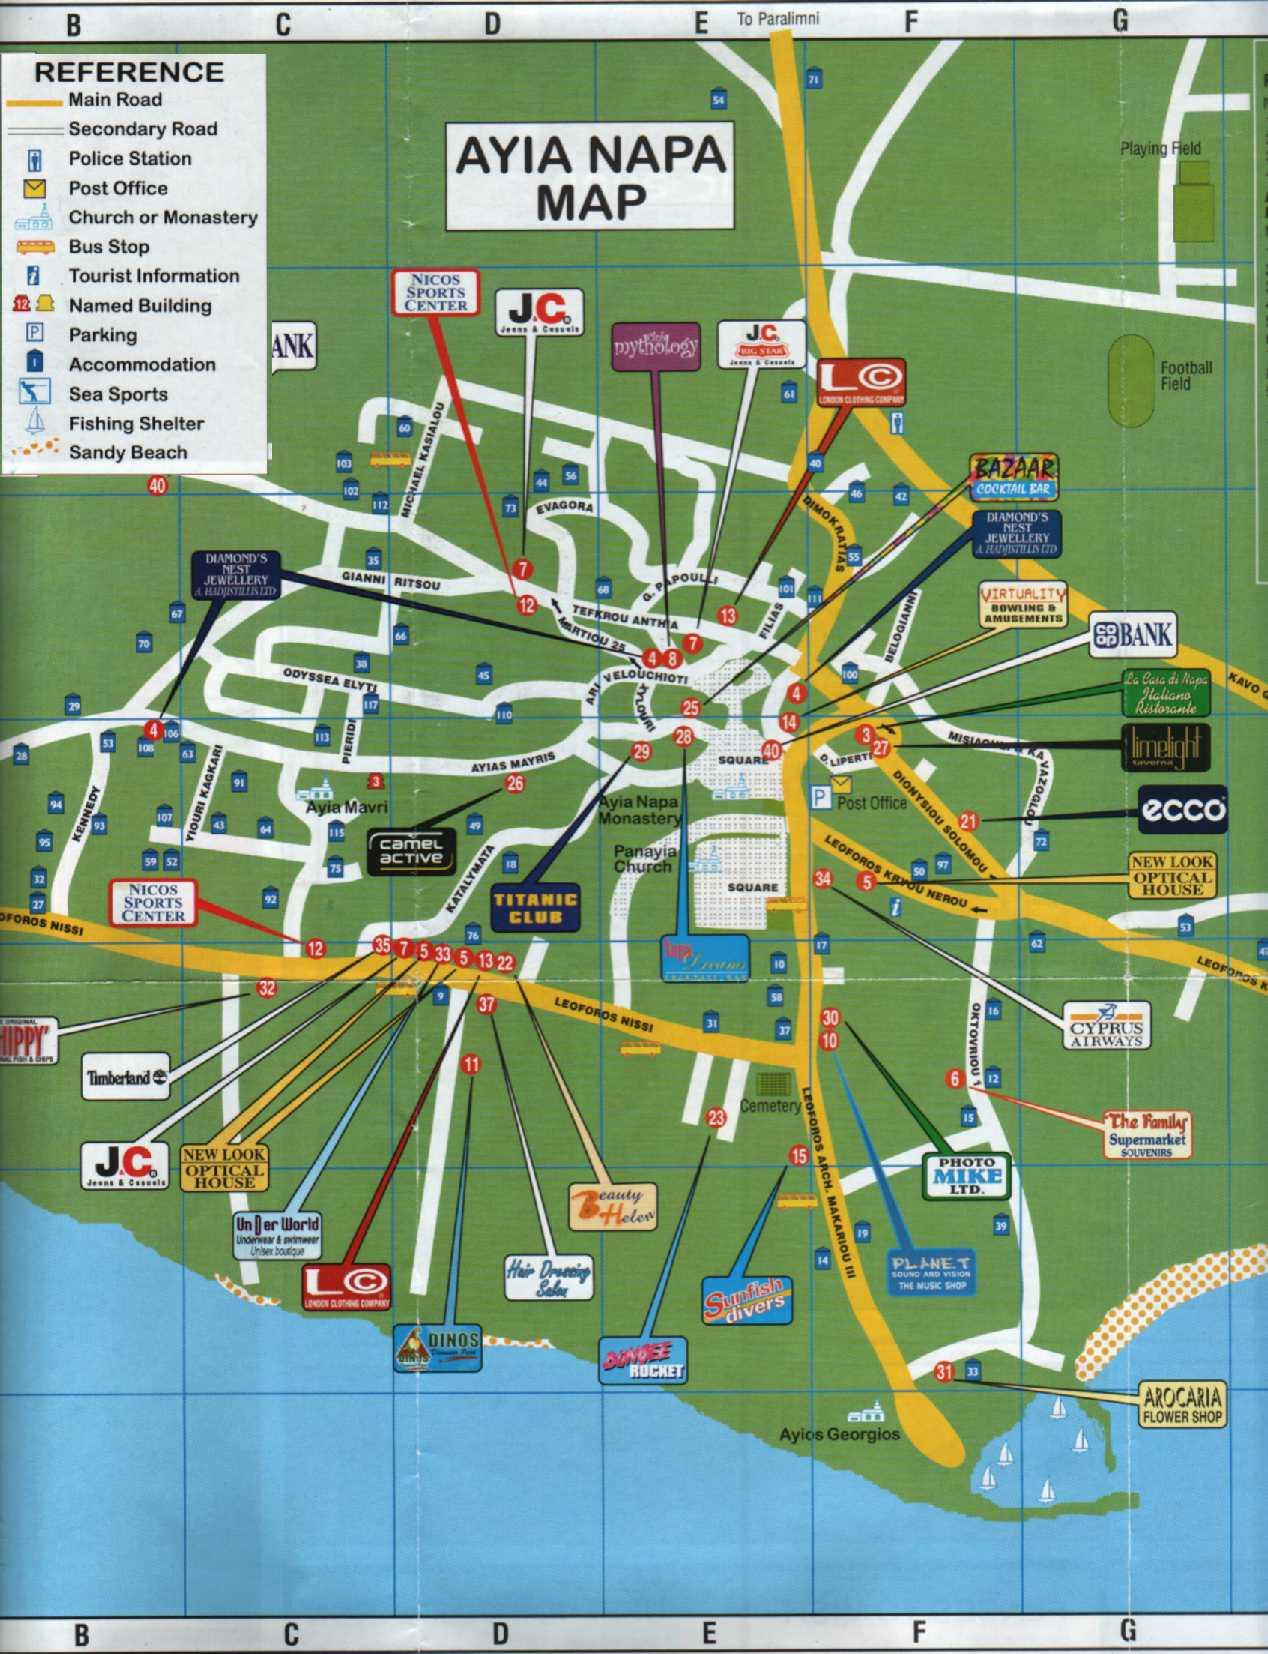 Ayia Napa Map Kart Over Ayia Napa   Kart Ayia Napa Map